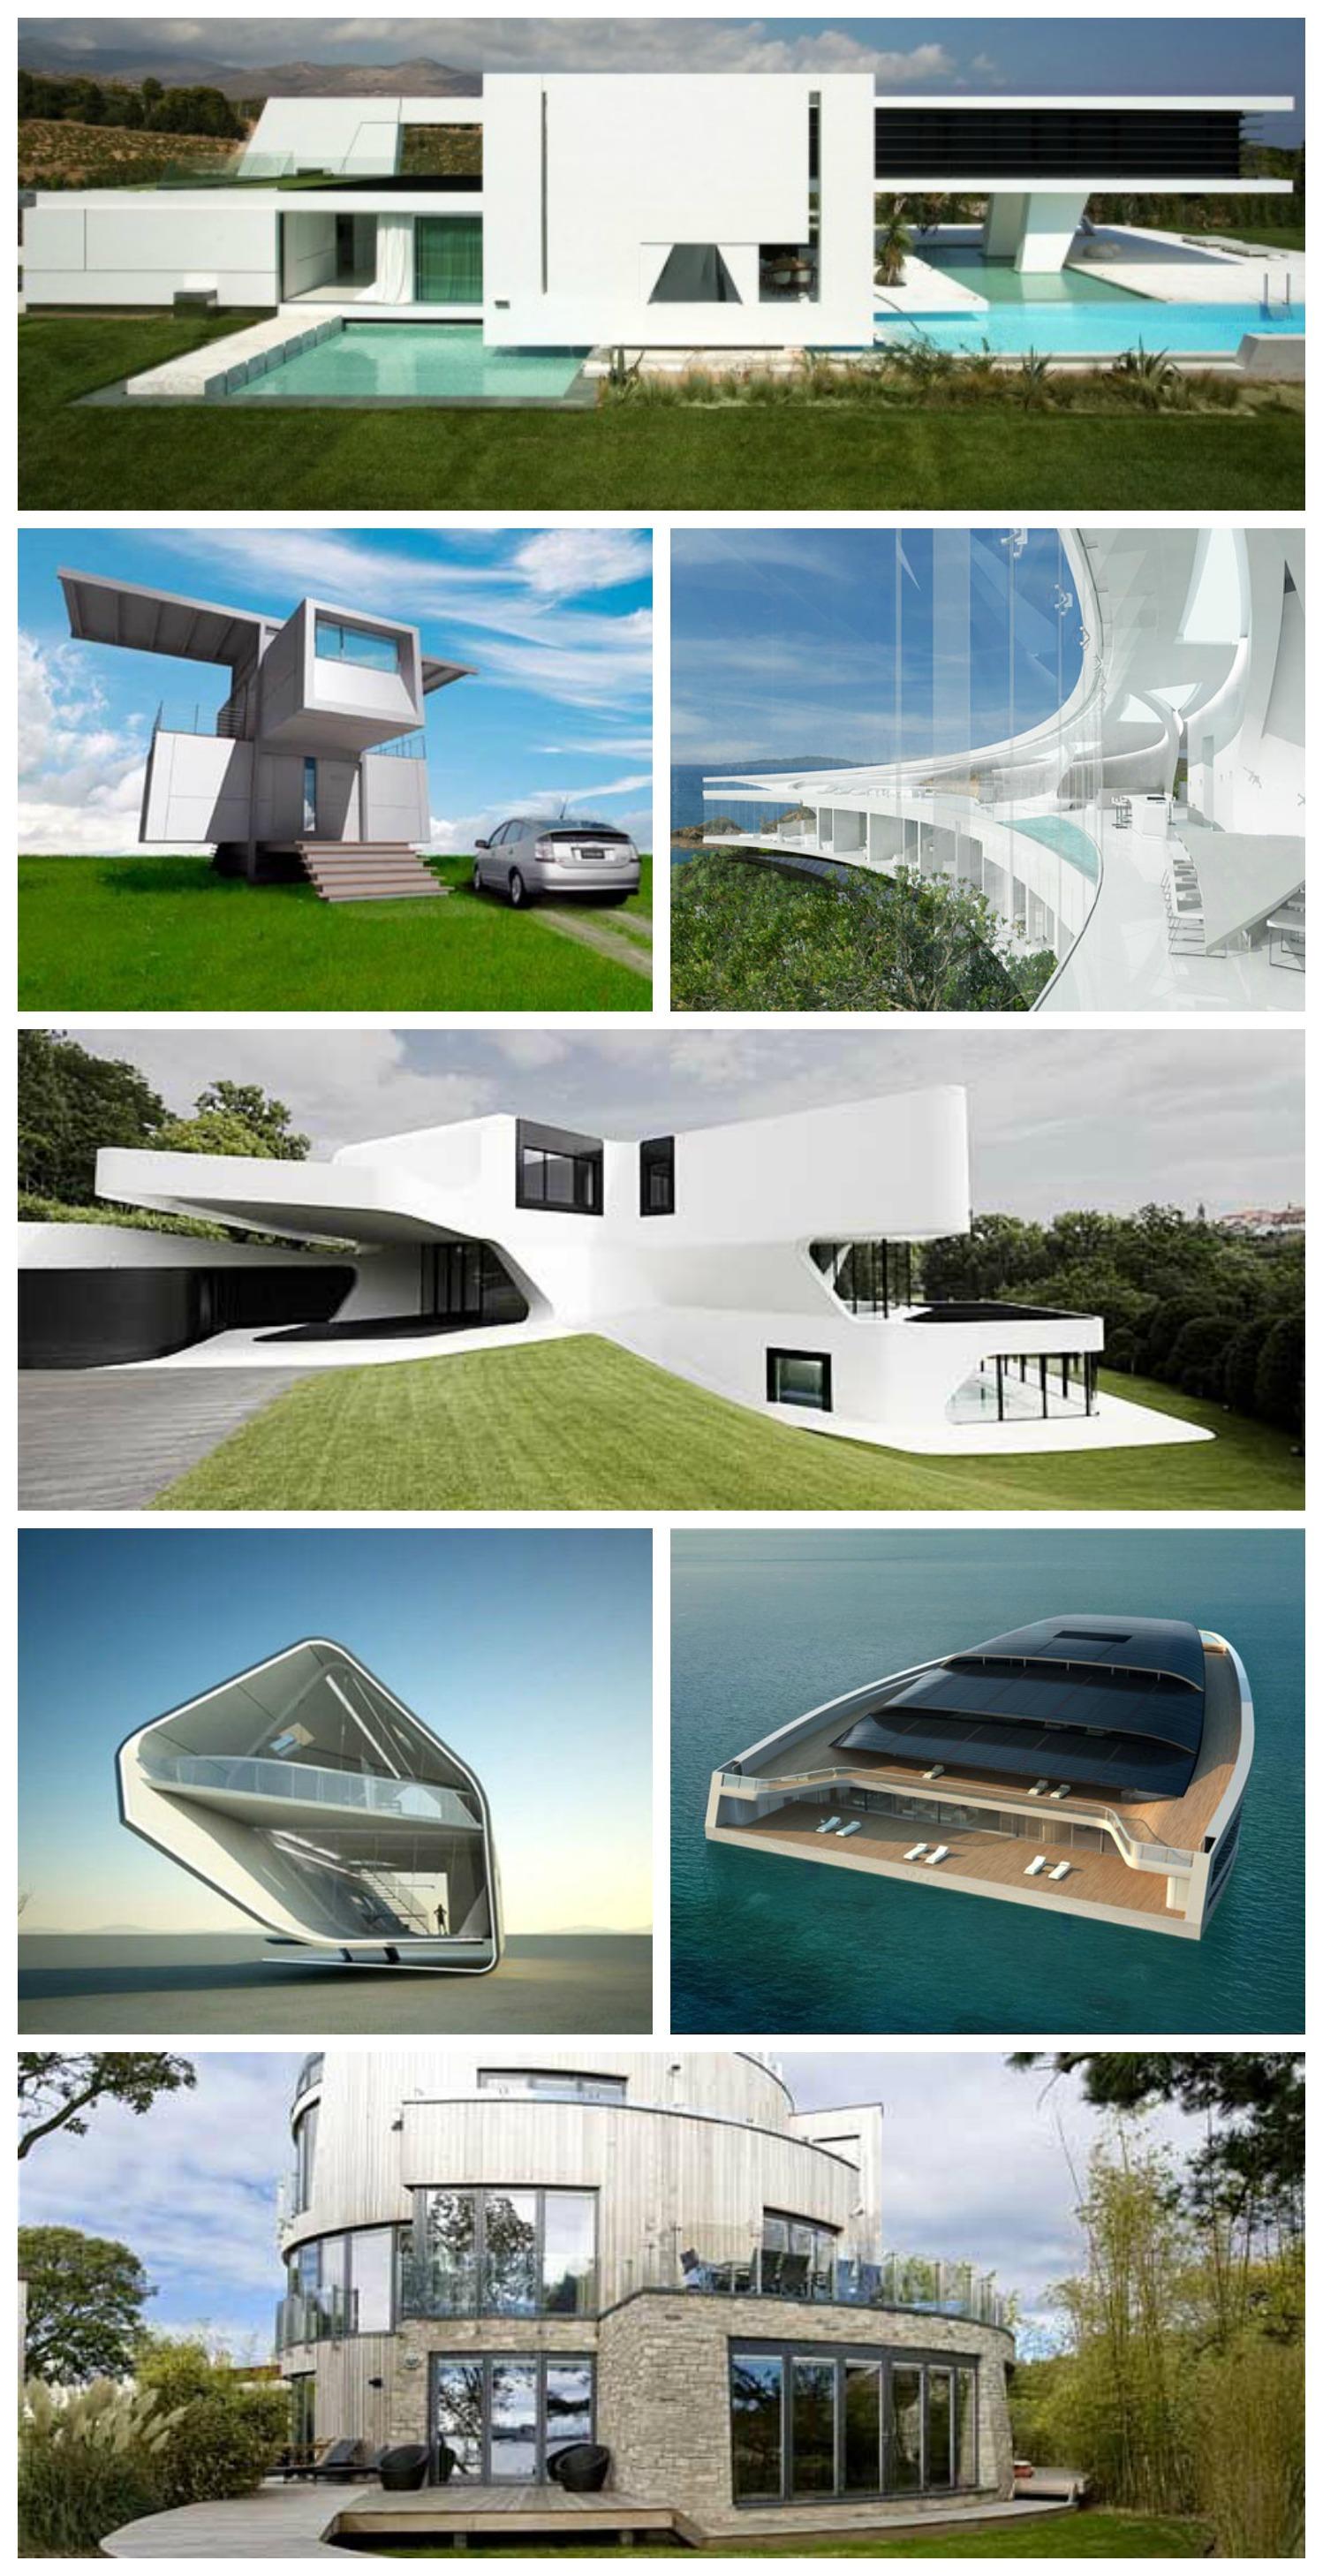 As casas no futuro